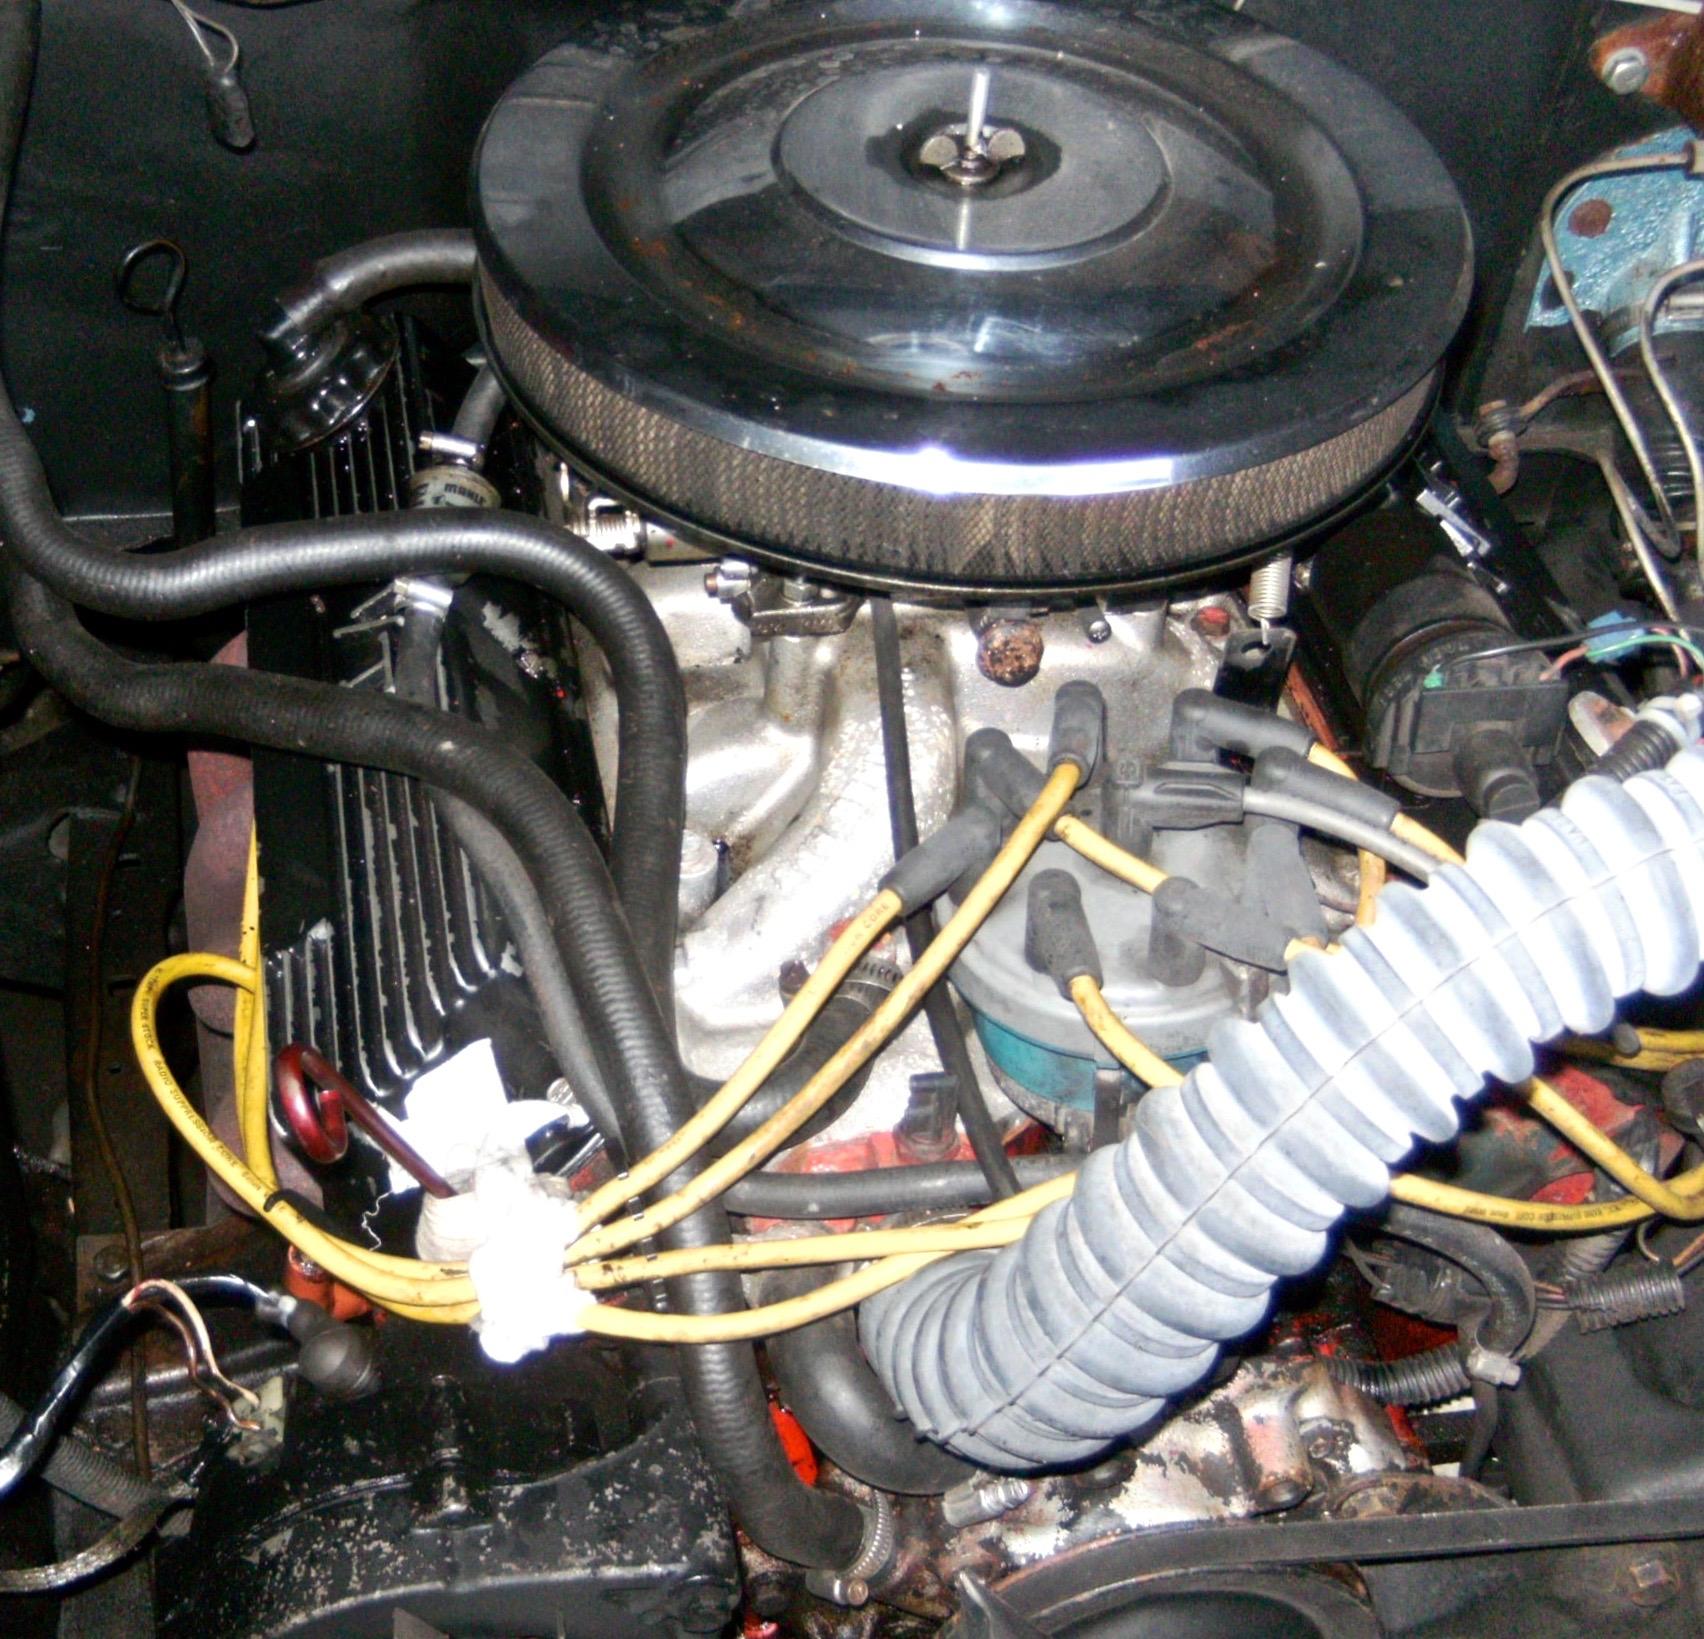 """Der alte 302cui V8-Motor des Ford F-100 ist zwar verbastelt, aber läuft. Ole befolgt die goldene Schrauberregel """"never touch a running engine"""" und lässt erst einmal die Finger davon."""